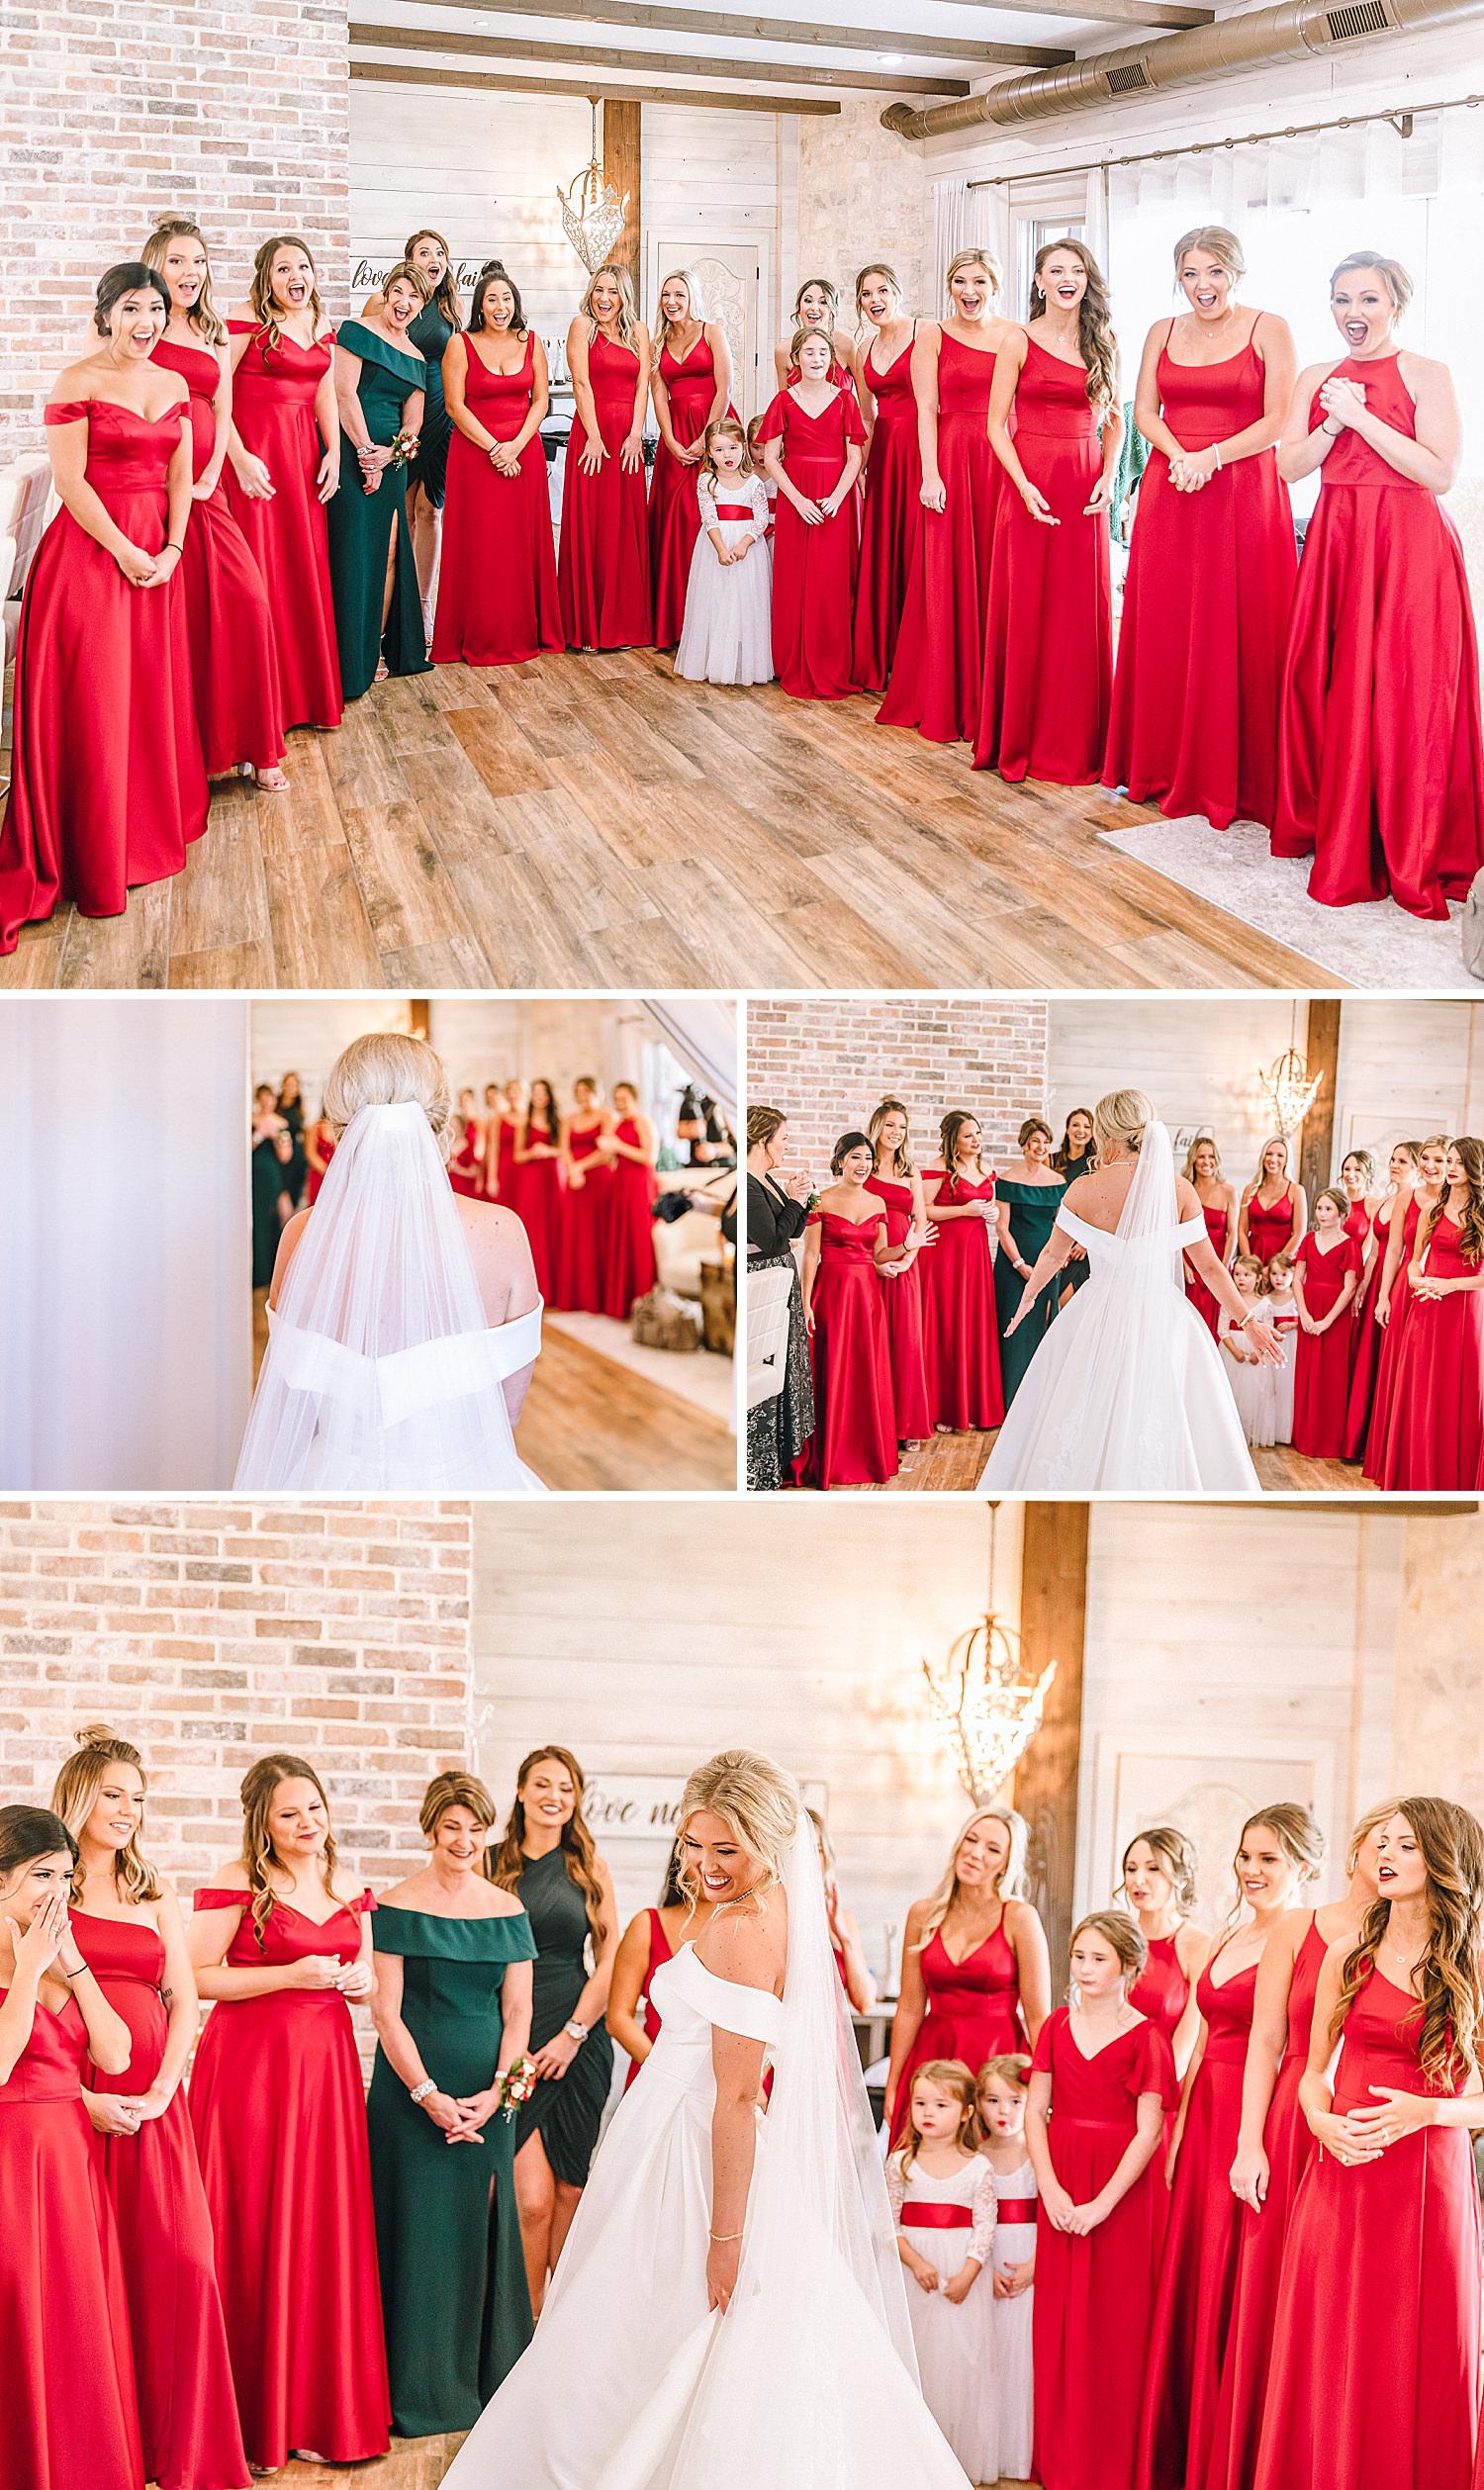 College-Station-Aggie-Wedding-The-Weinberg-at-Wixon-Valley-Christmas-Hallmark-Wedding_0008.jpg